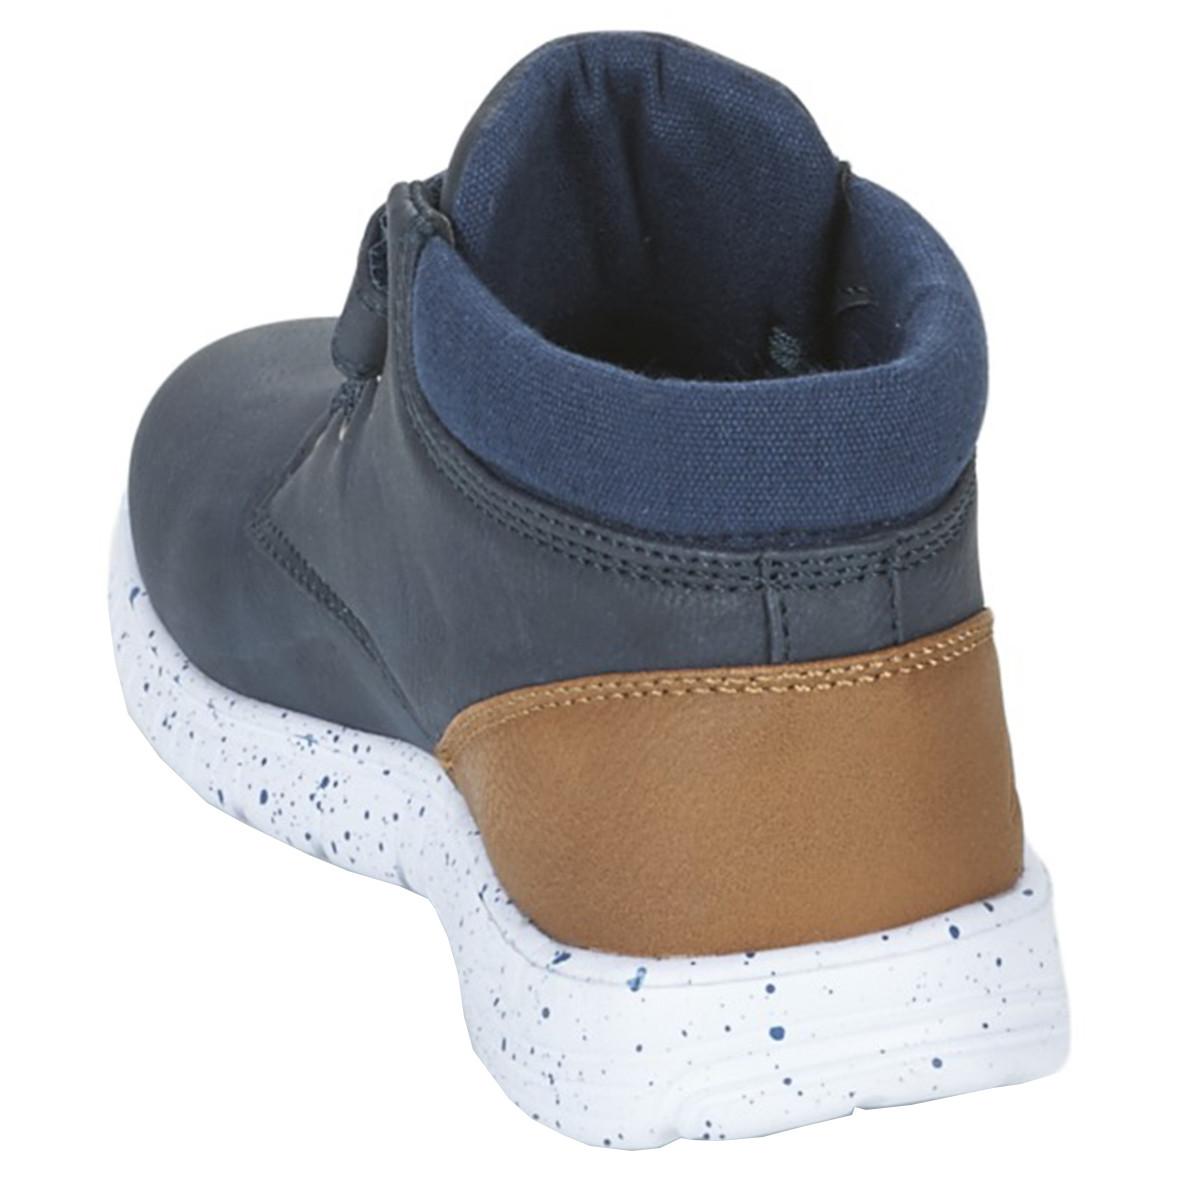 Cit V Phylon Chaussure Enfant